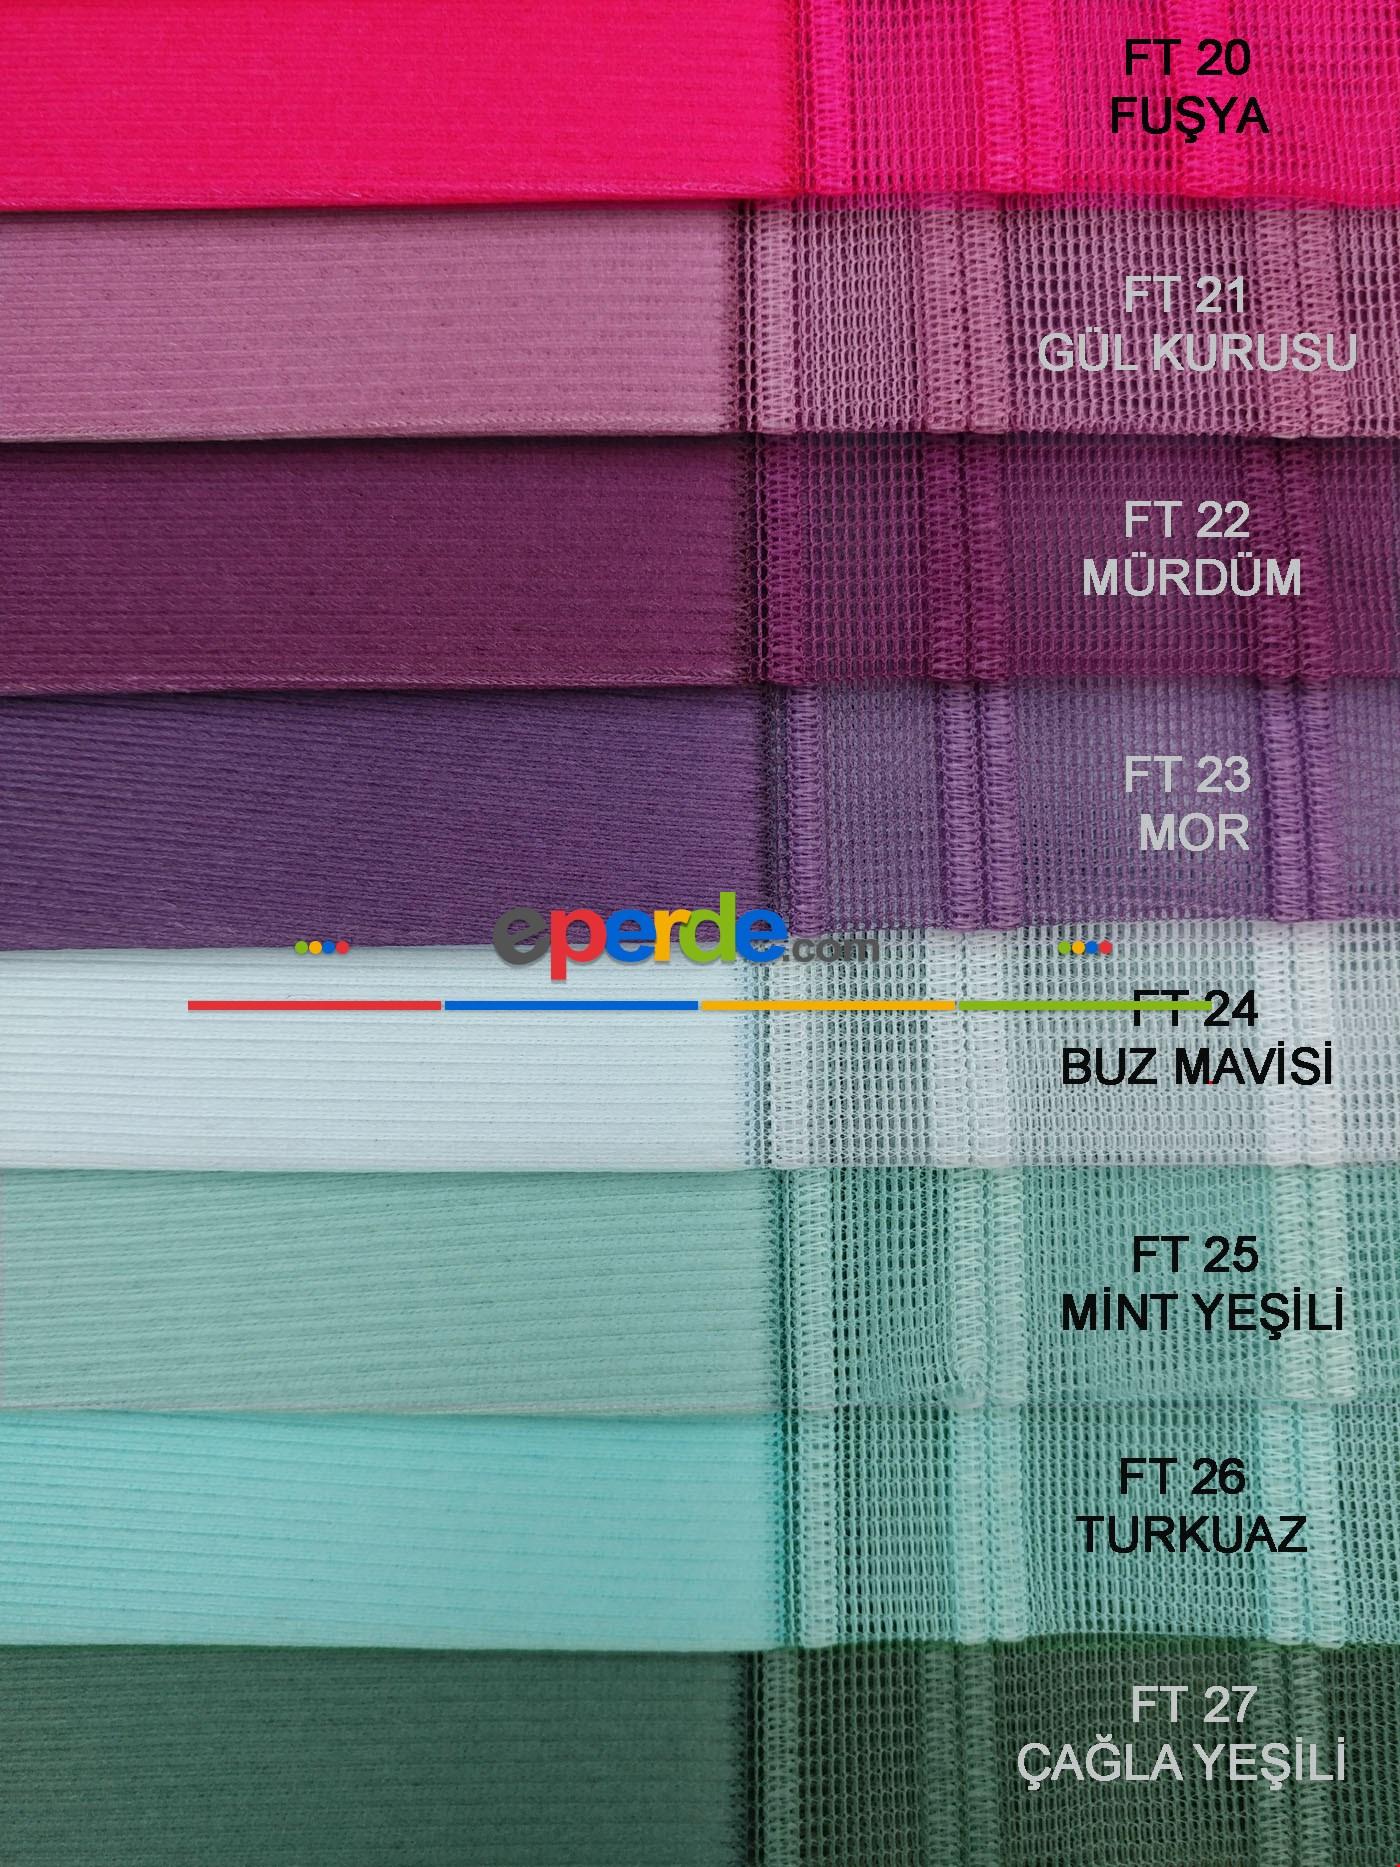 Çizgili Tül Dikey Zebra Perde - Ft27 Çağla Yeşili- Ft26 Turkuaz- Ft25 Mint Yeşili- Ft02 Ekru